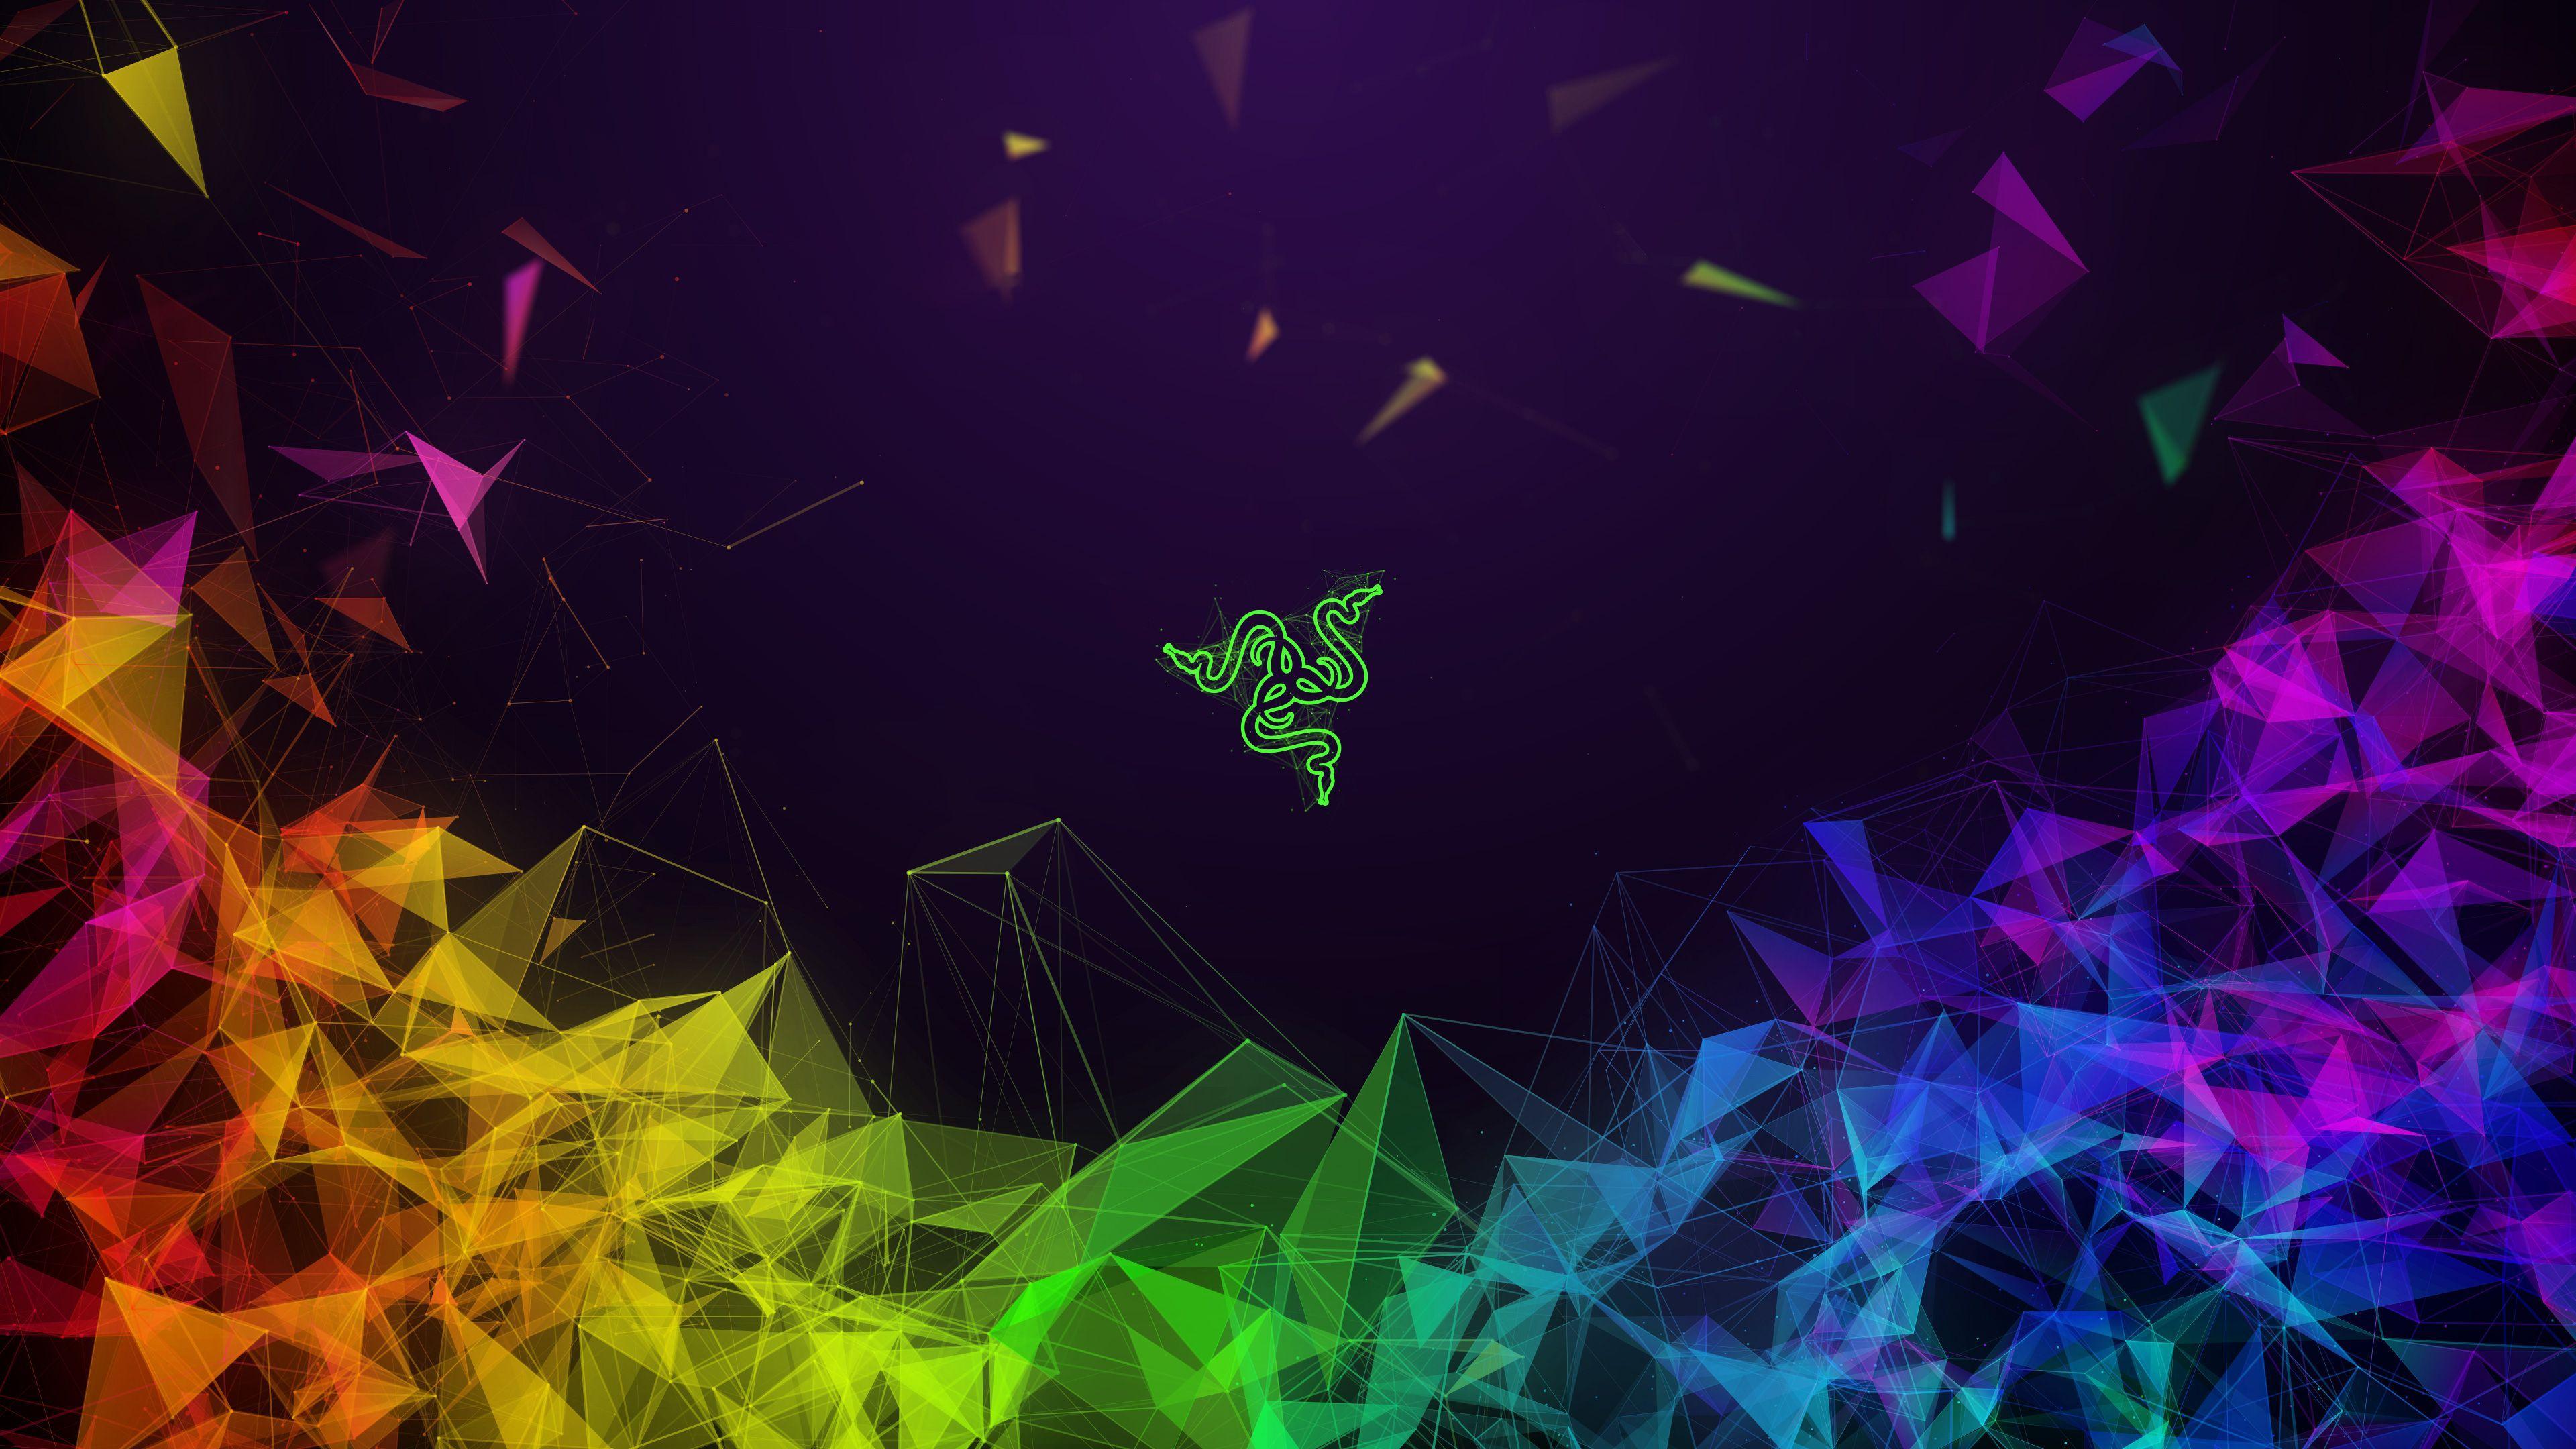 3840x2160 Razer trừu tượng đầy màu sắc 4k, Trừu tượng HD, Hình nền 4k, Hình ảnh